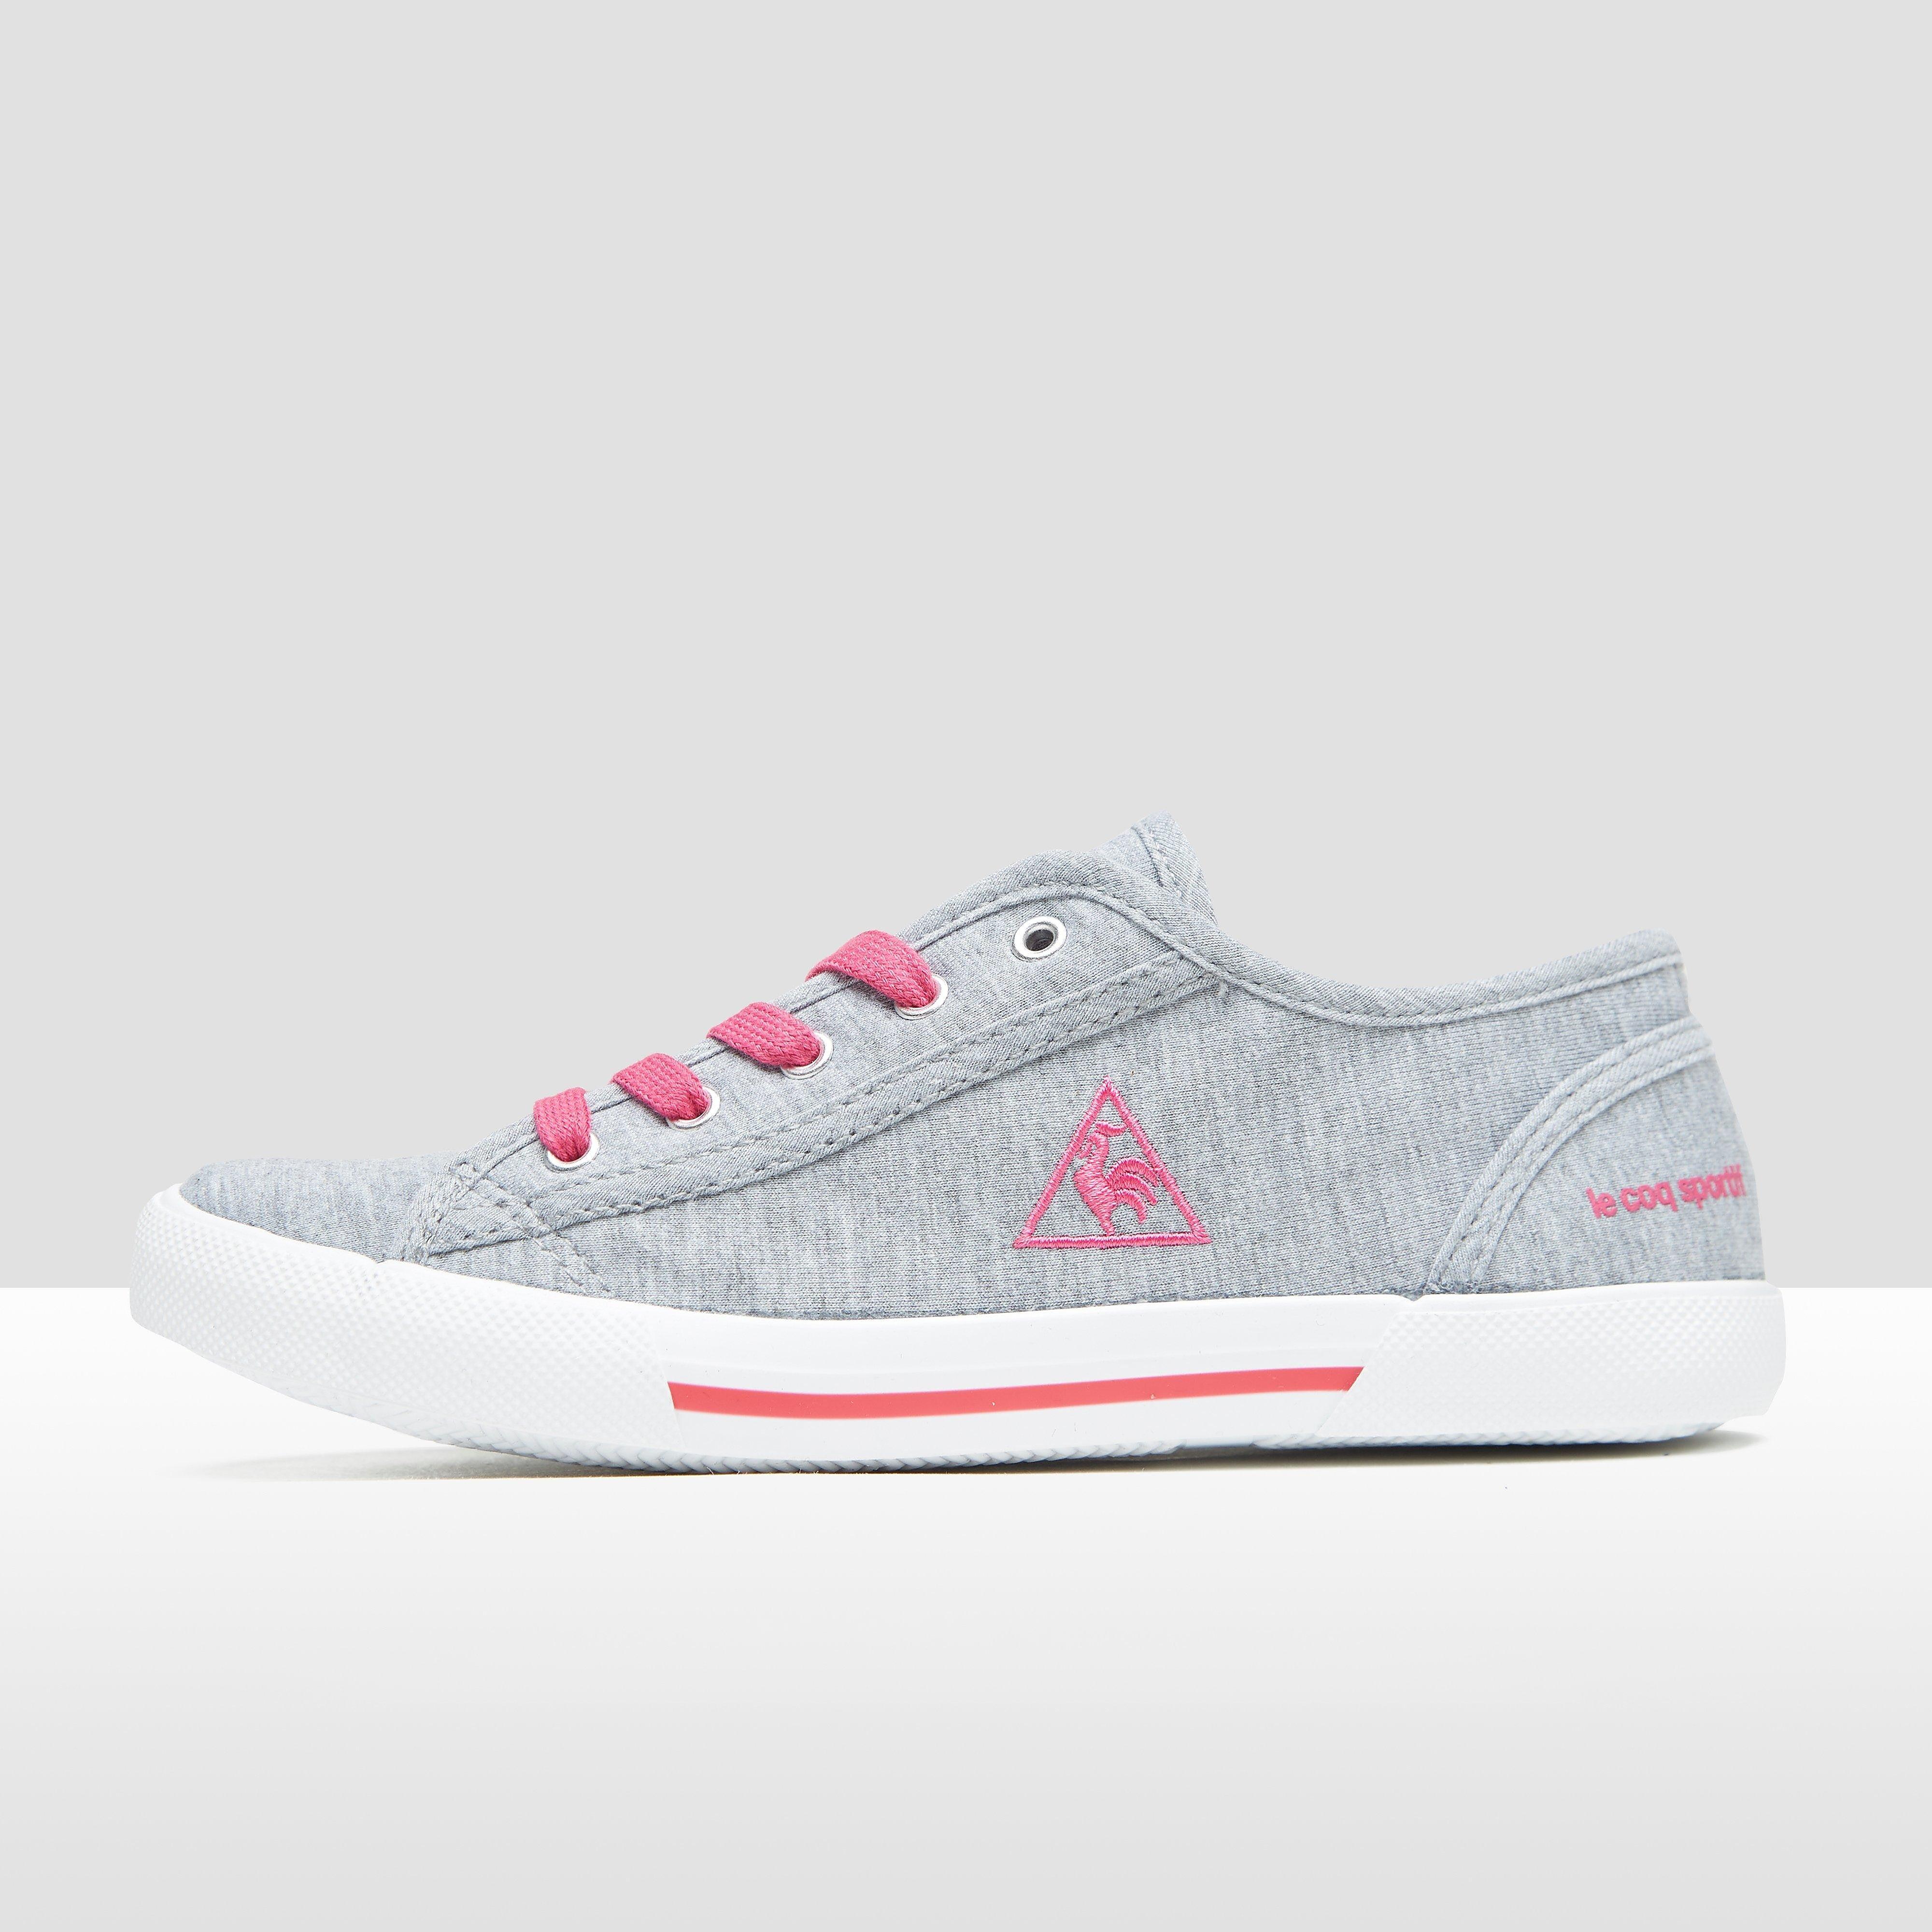 LE COQ SPORTIF Cerise low lace sneakers grijs/roze kinderen Kinderen